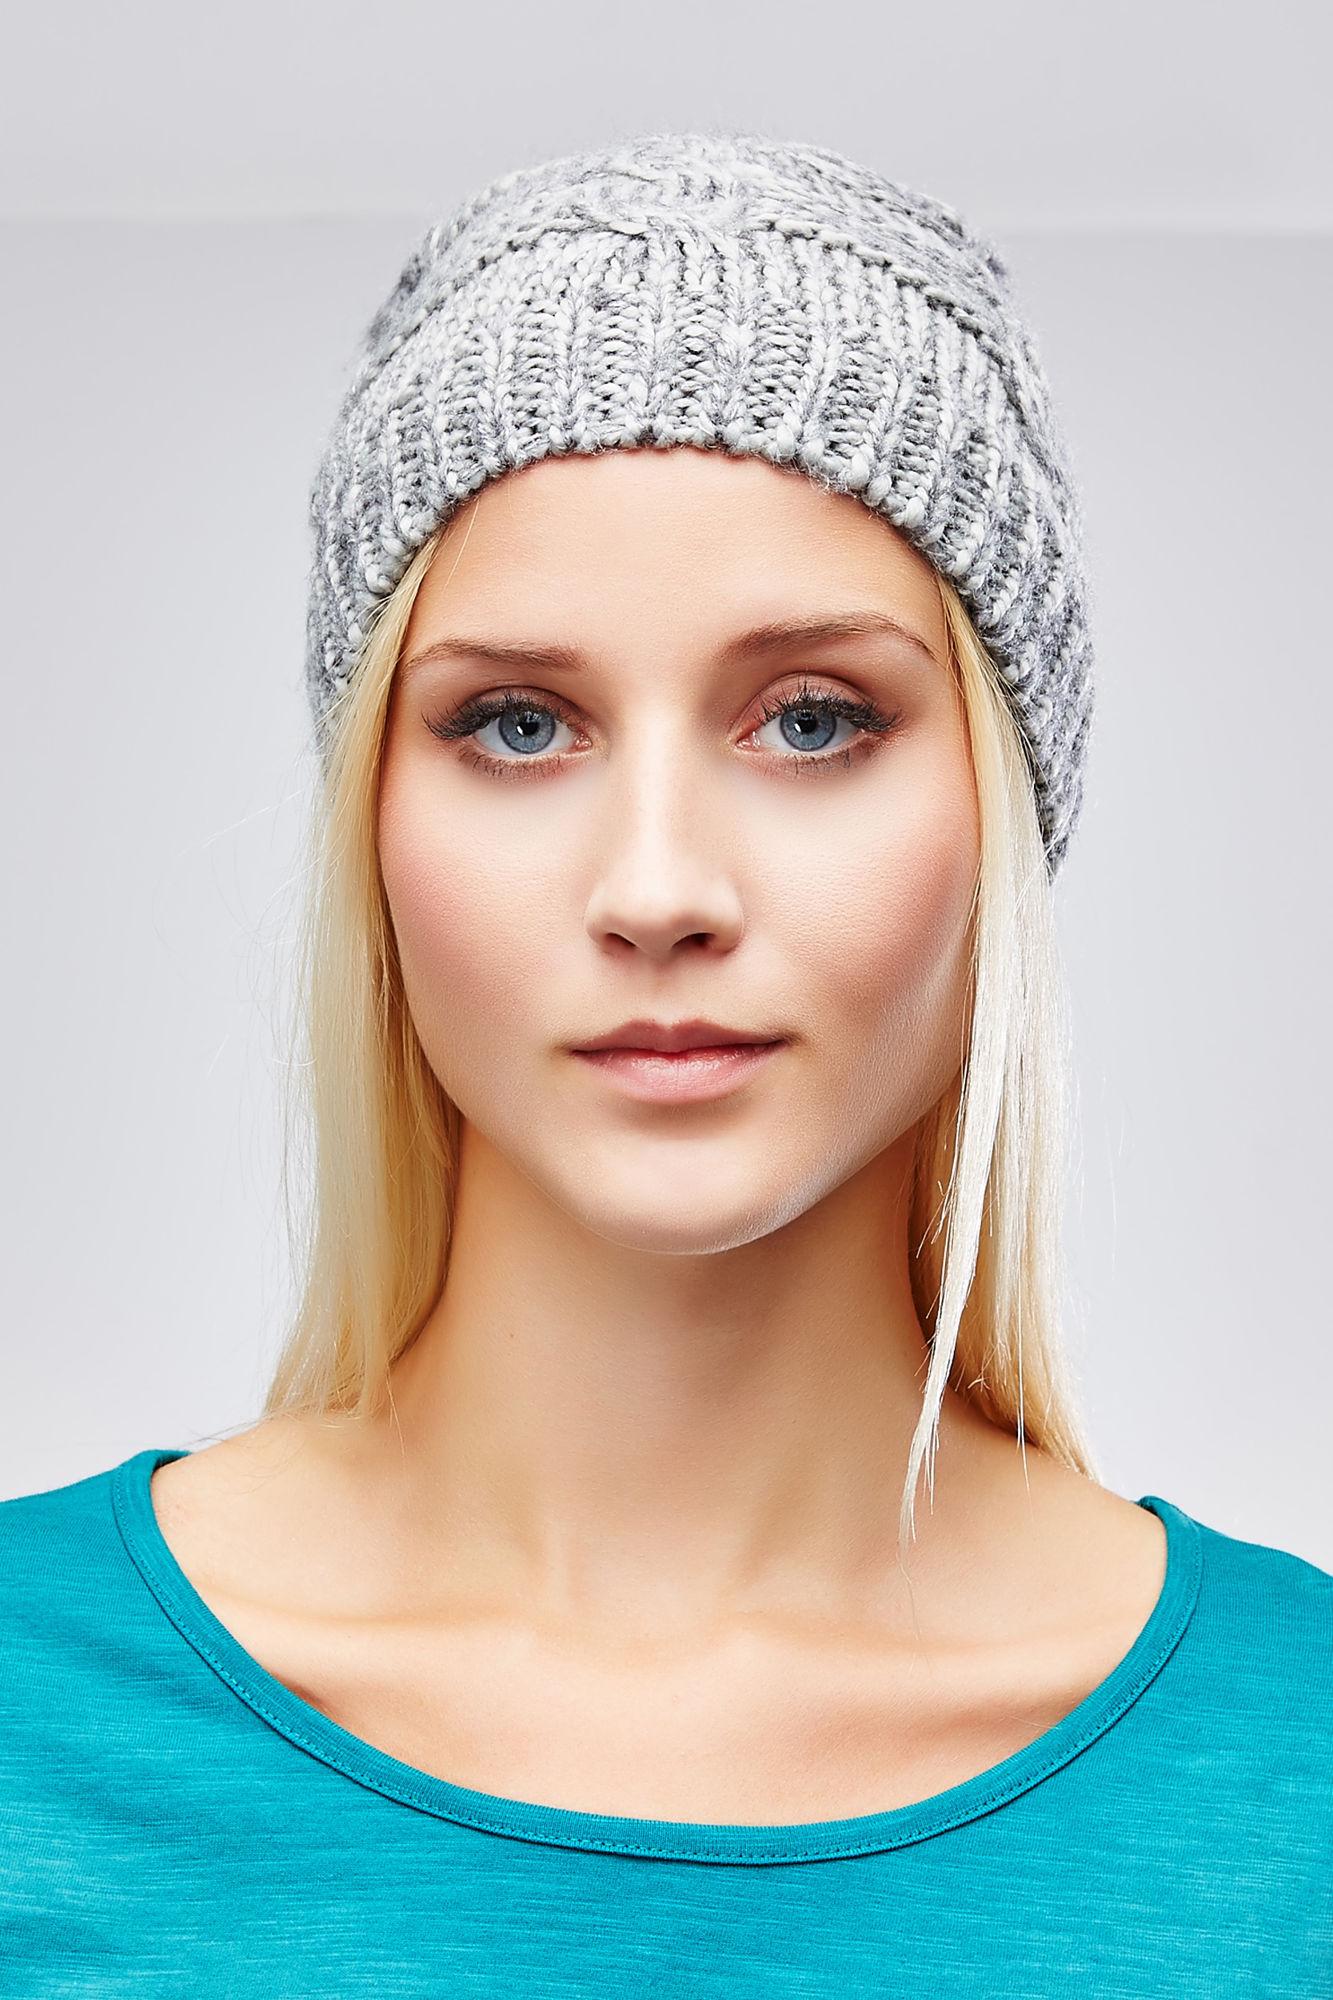 Шапка женская. Z-CZ-1818Z-CZ-1818_BLACKВязаная женская шапка Moodo отлично подойдет для вас в прохладное время года. Изготовленная из акрила, она мягкая и приятная на ощупь, обладает хорошими дышащими свойствами и максимально удерживает тепло. Благодаря крупной эластичной вязке, шапочка плотно облегает голову. Удлиненная модель шапки подходит для любого типа лица и никогда не выходит из моды. Изделие оформлено вязаным узором. Такой стильный и теплый головной убор подчеркнет ваш образ и индивидуальность!